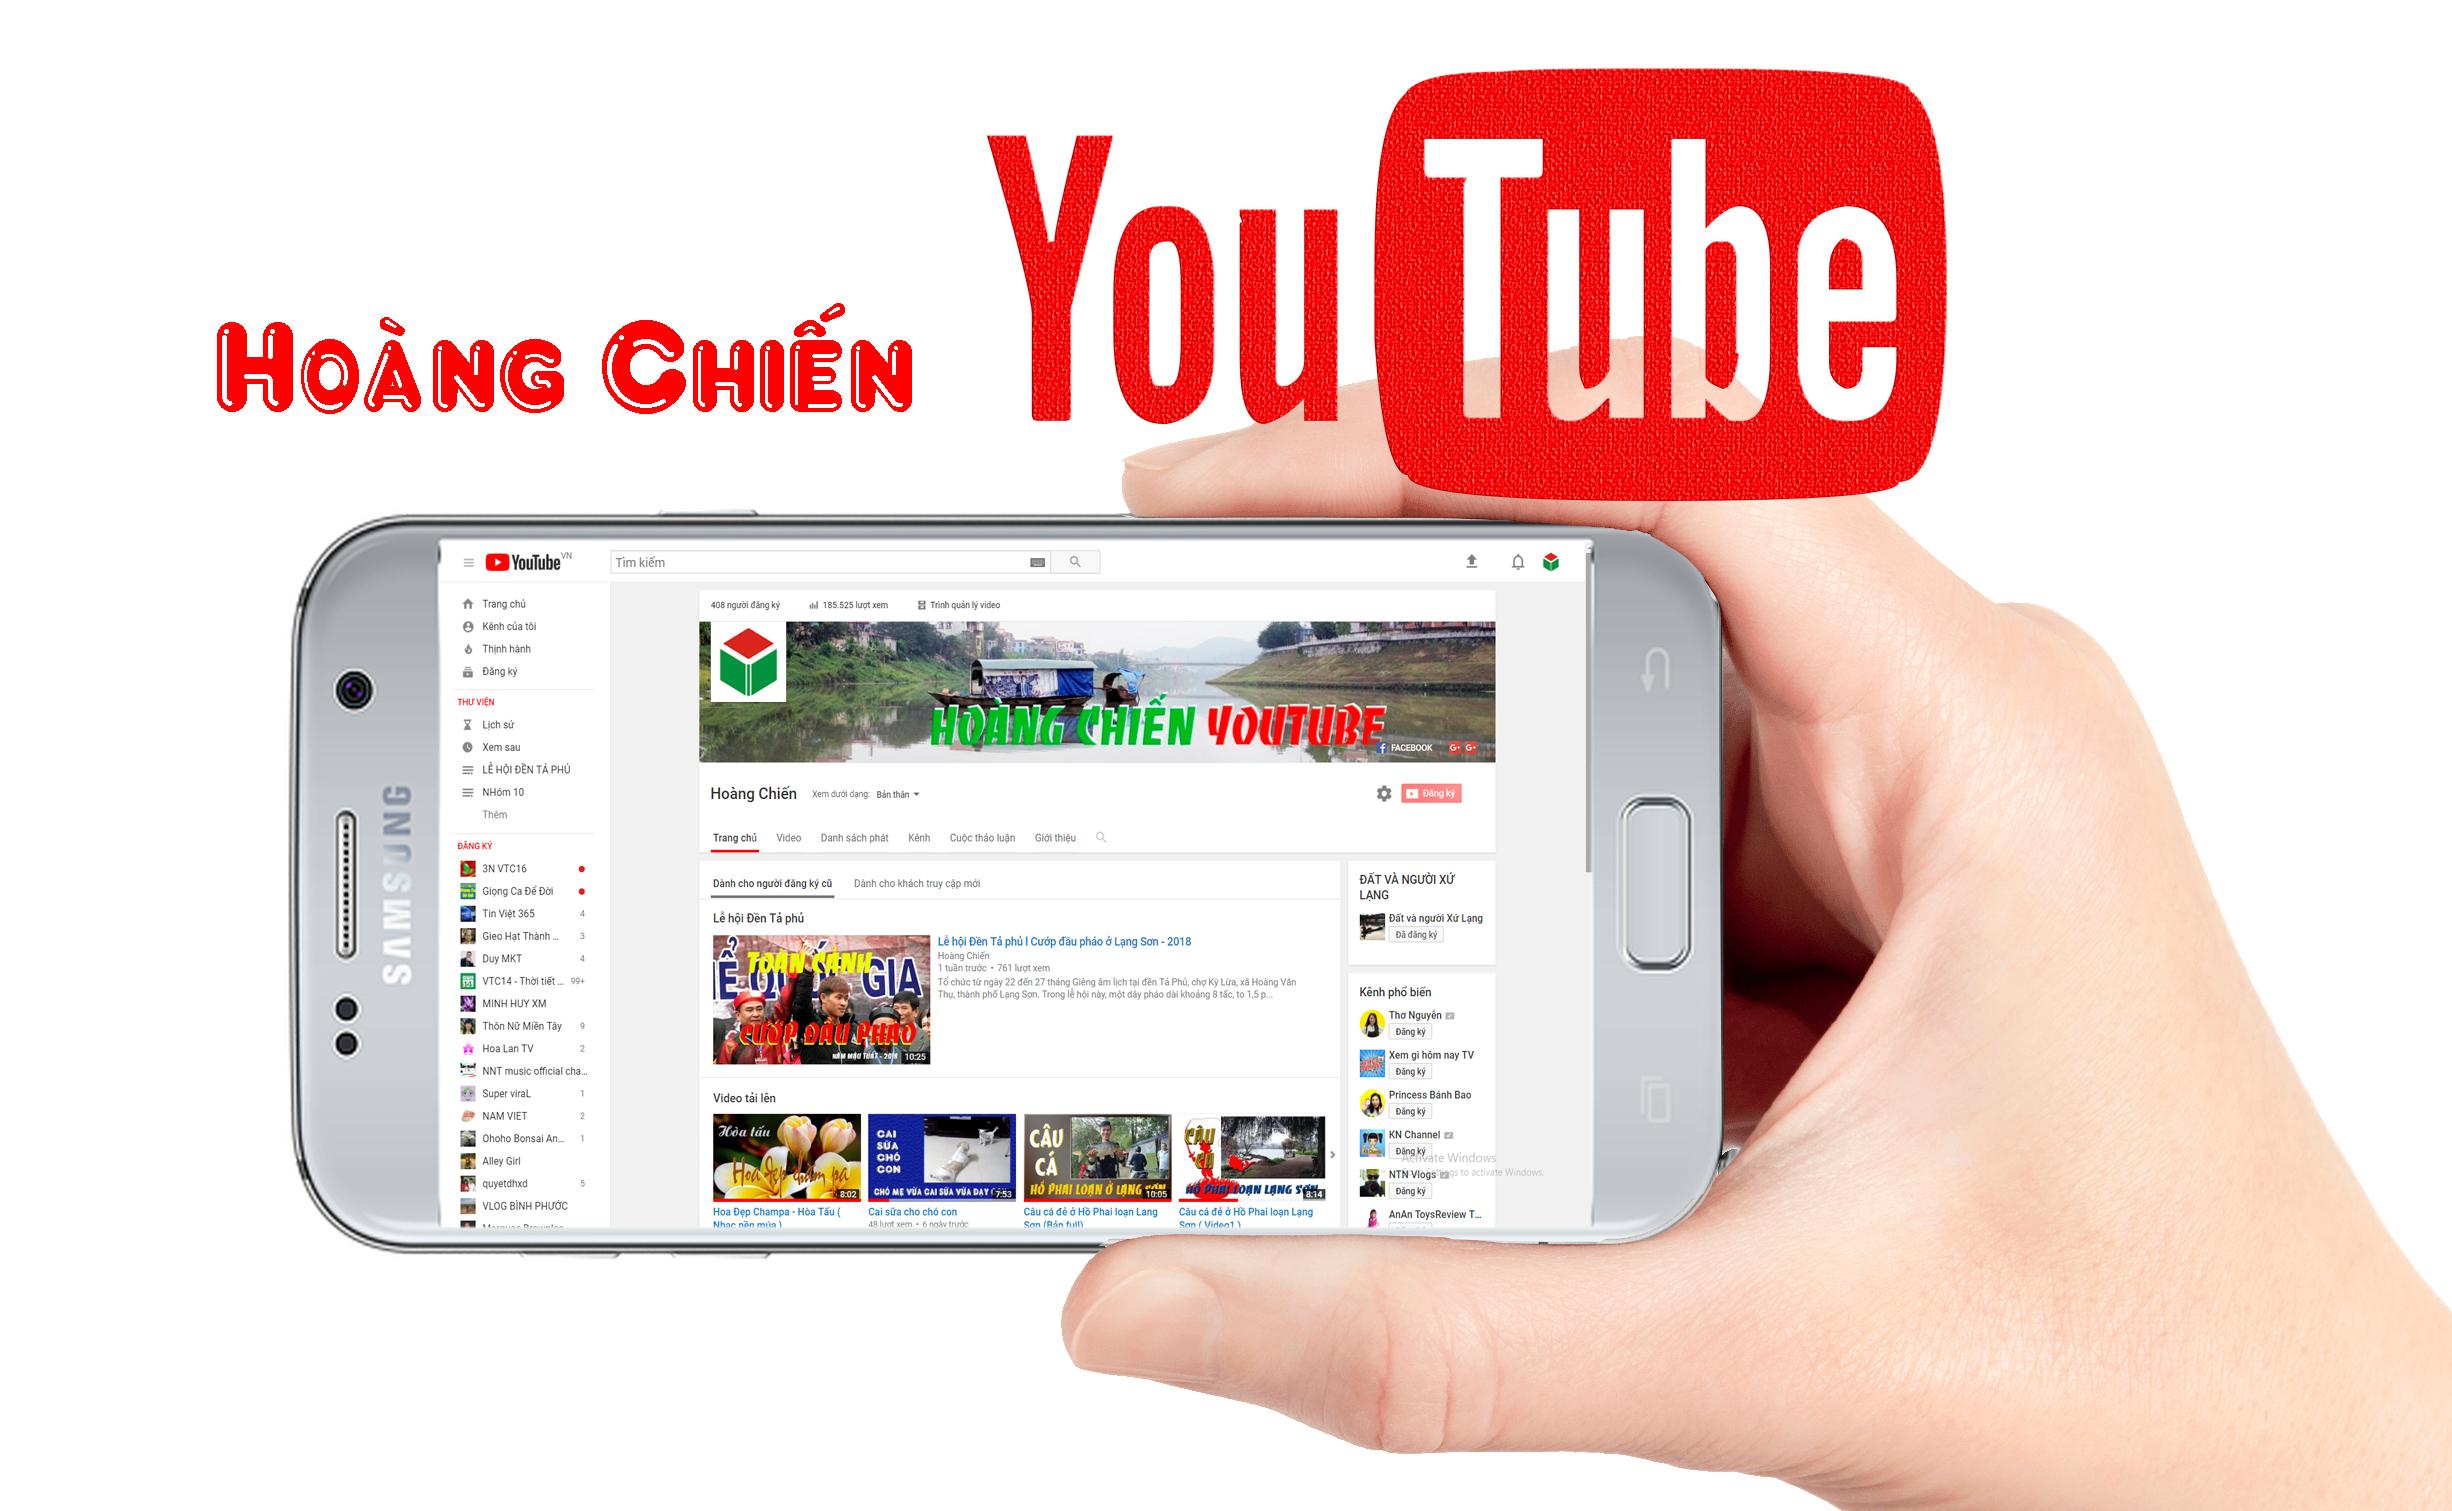 Tạo kênh Youtube bằng điện thoại thông minh.